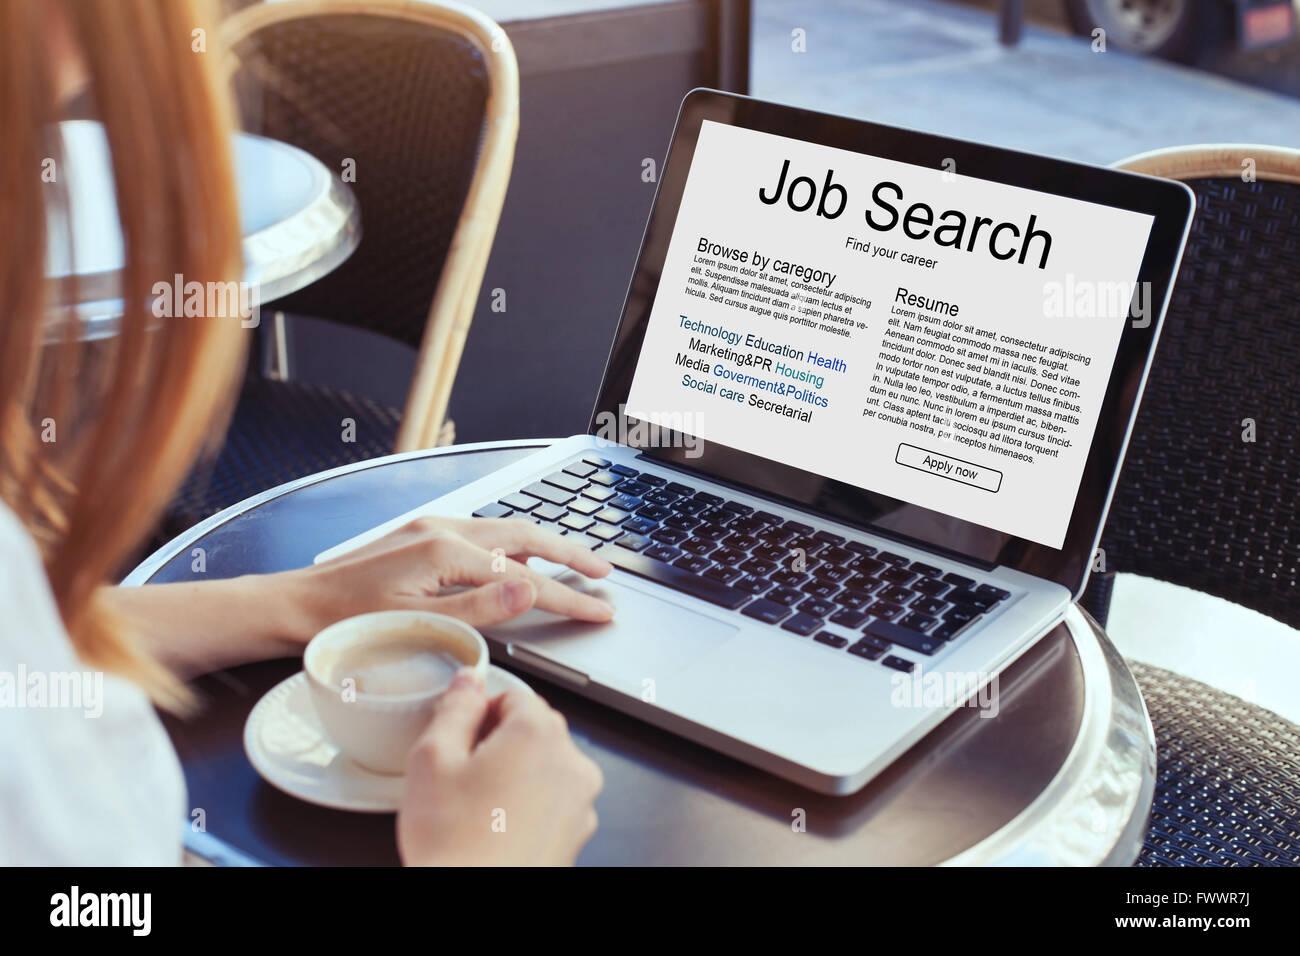 Job Suche Konzept, Ihre Karriere, Online-Website zu finden Stockbild